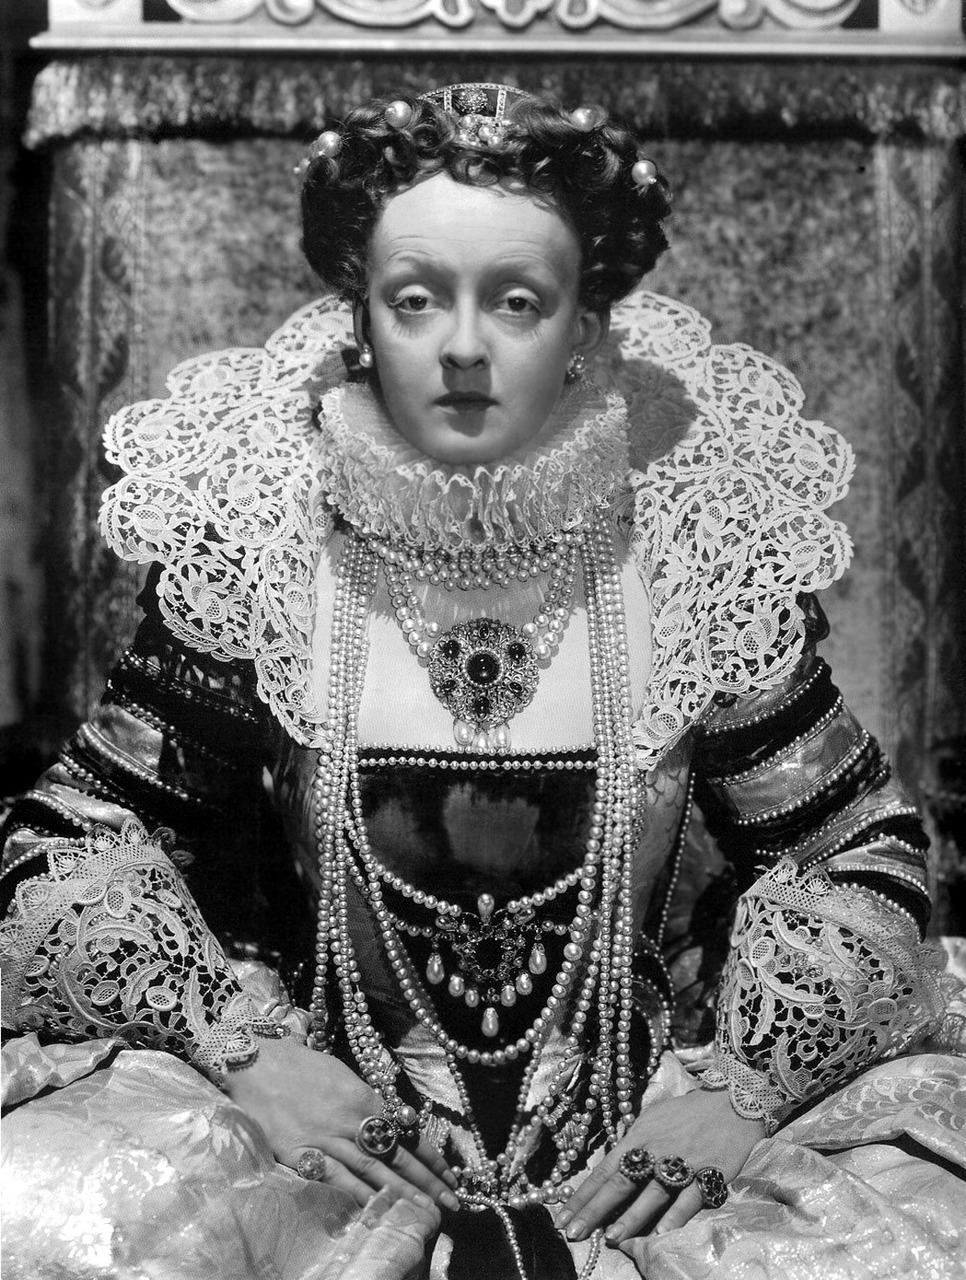 Bette Davis as Queen ElizabethI